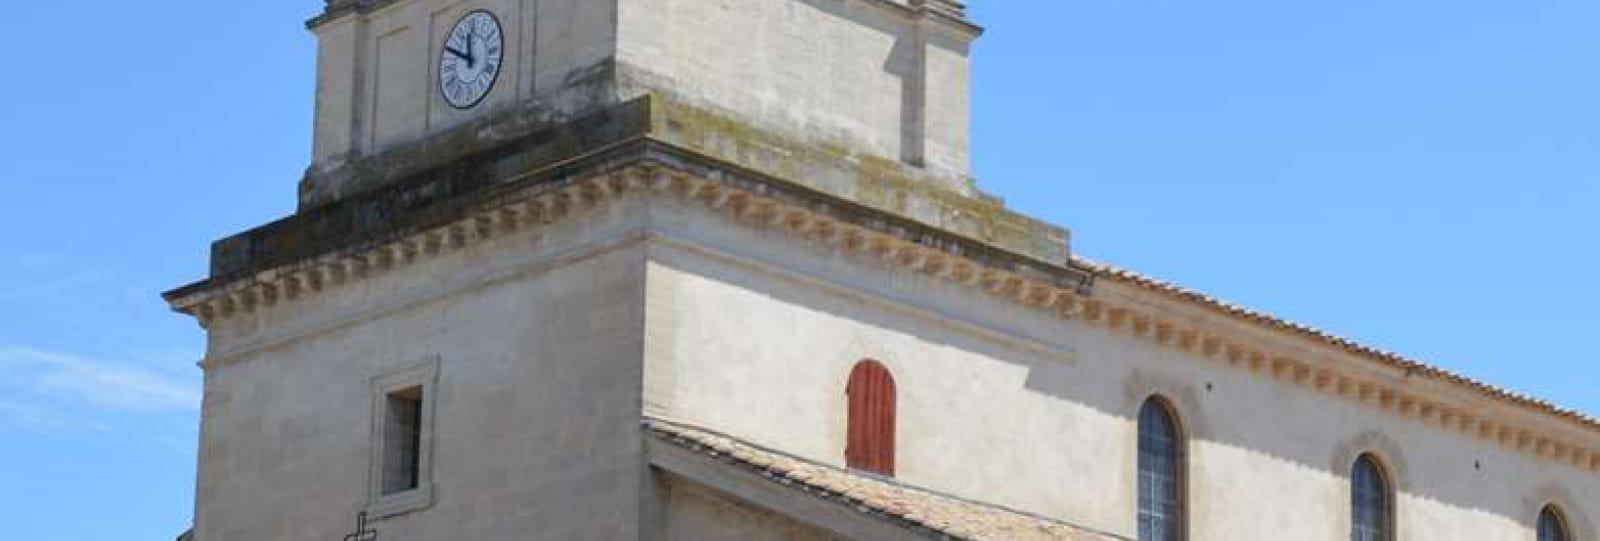 Eglise St Bach